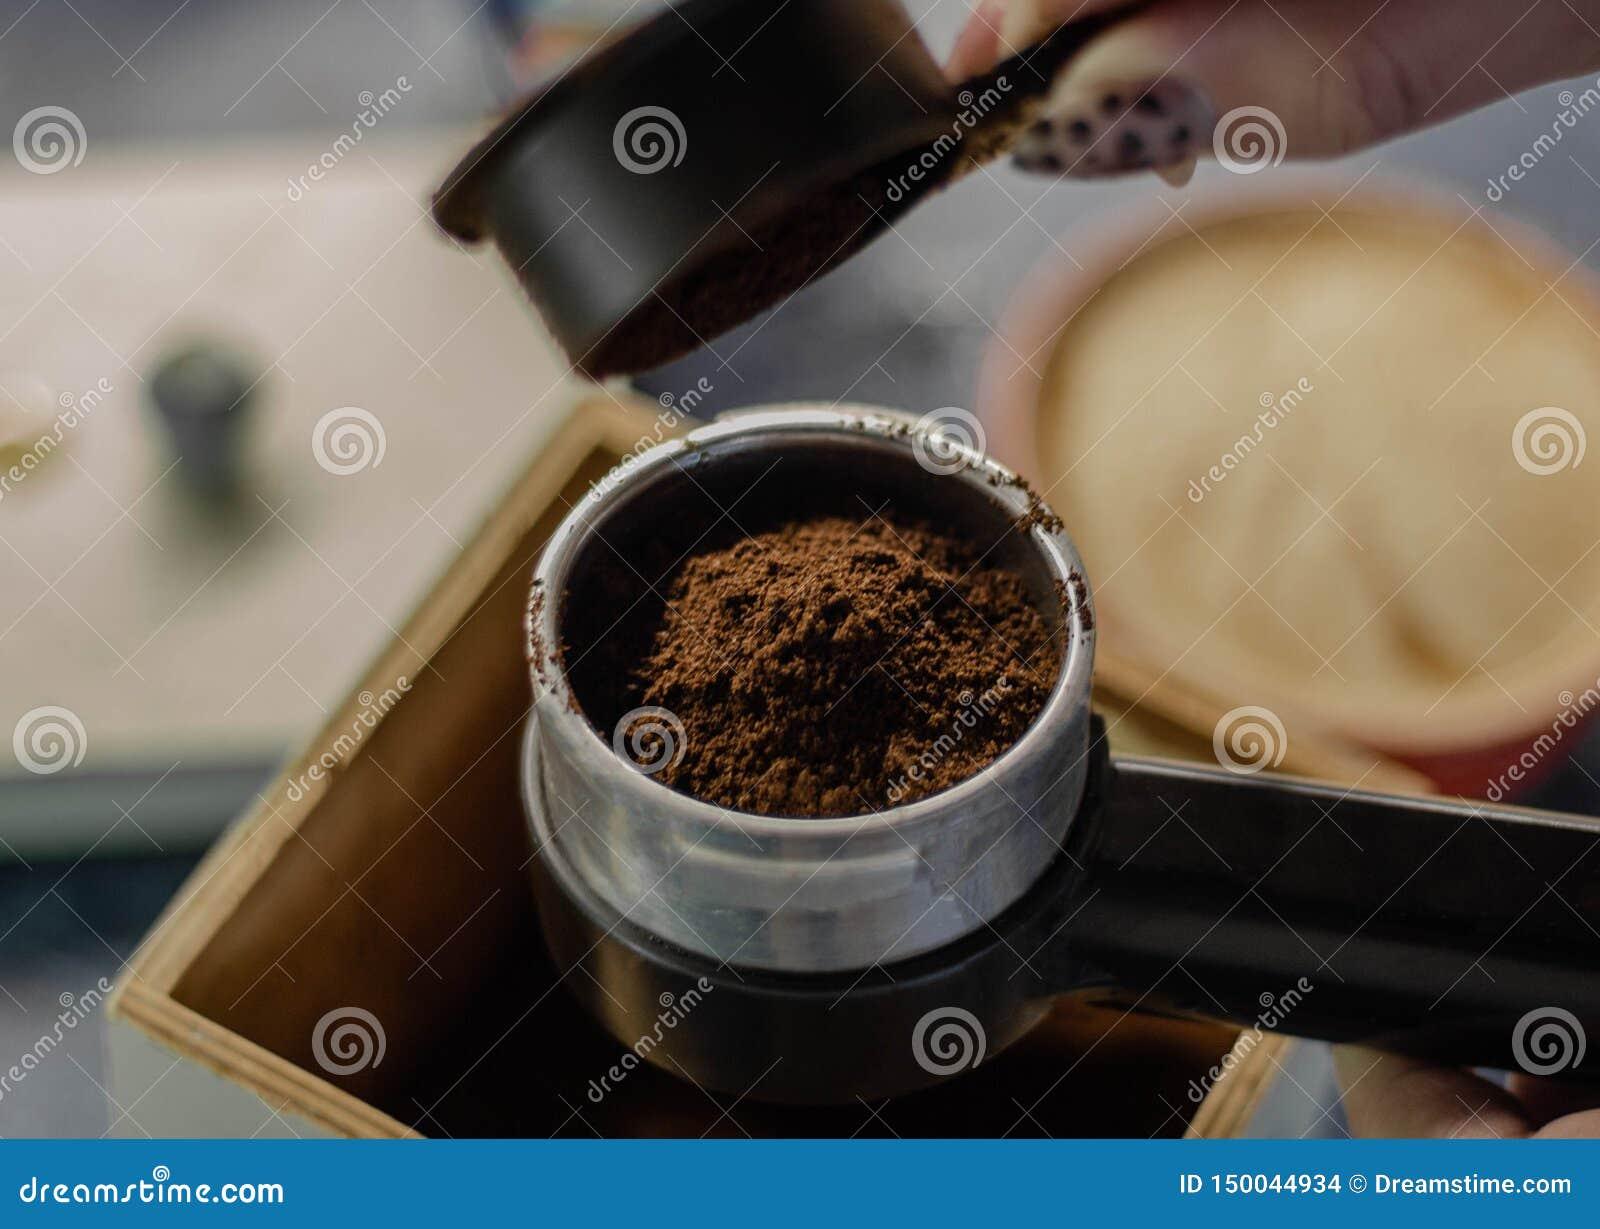 Opinión superior sobre la preparación del café molido fresco en un fabricante de café